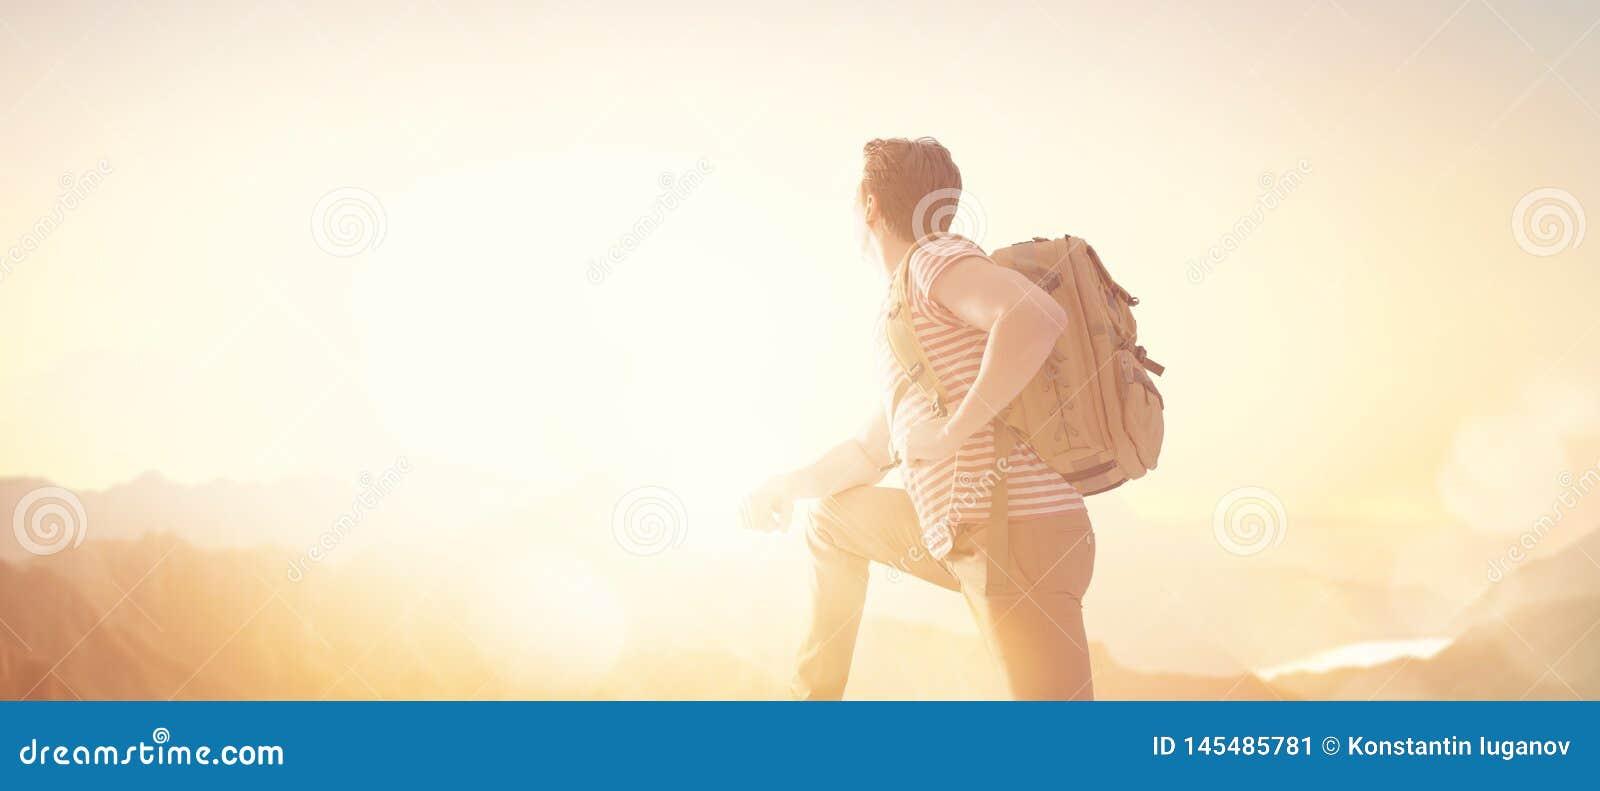 Reisender mit Rucksack